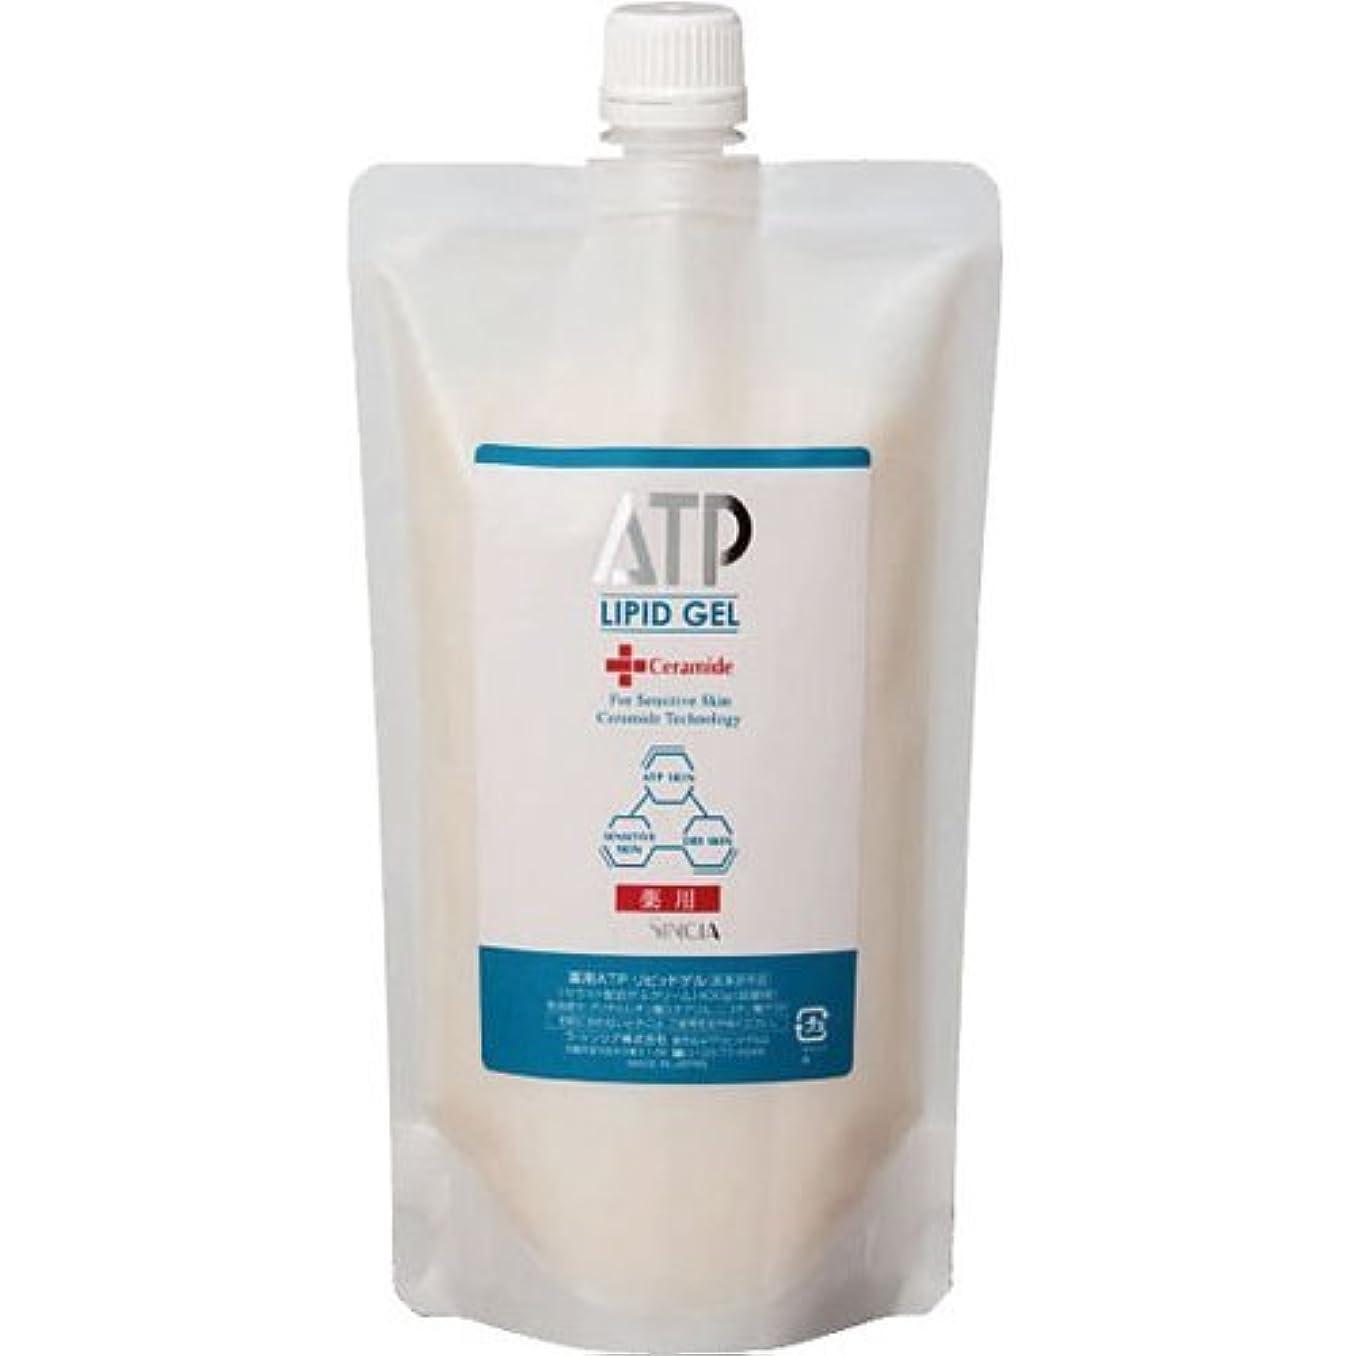 交じるミネラル疲れたラシンシア 薬用ATPリピッドゲル 400g(詰替用) 【セラミド配合ゲルクリーム】